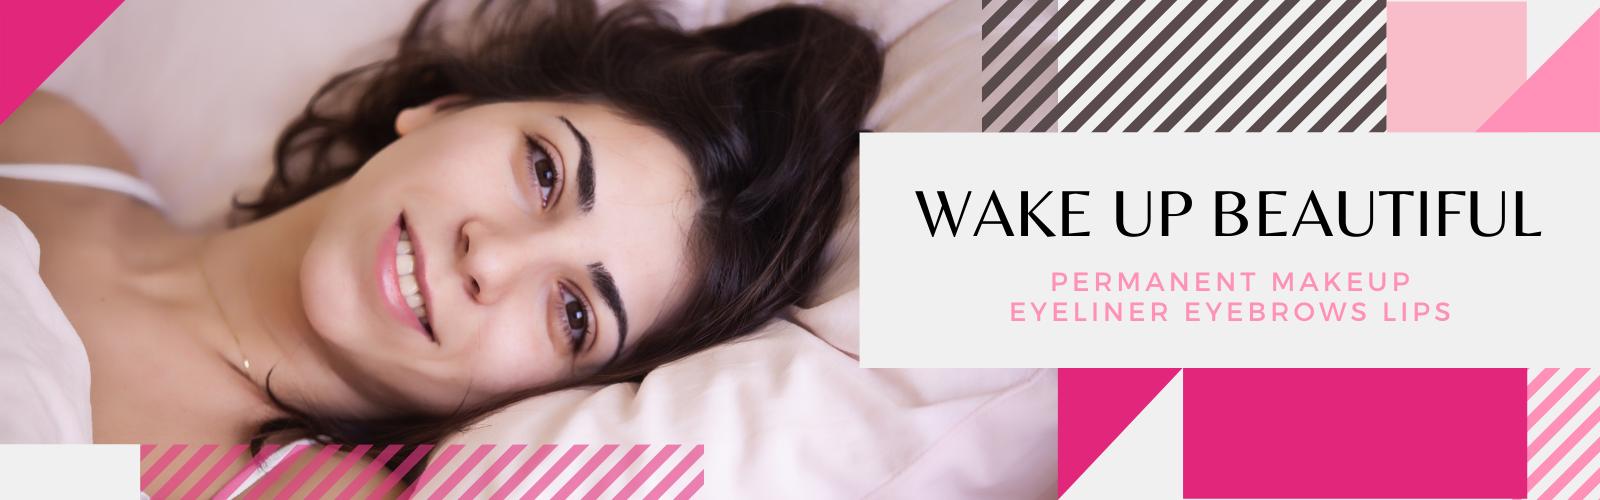 Copy of Wake up beautiful (4)